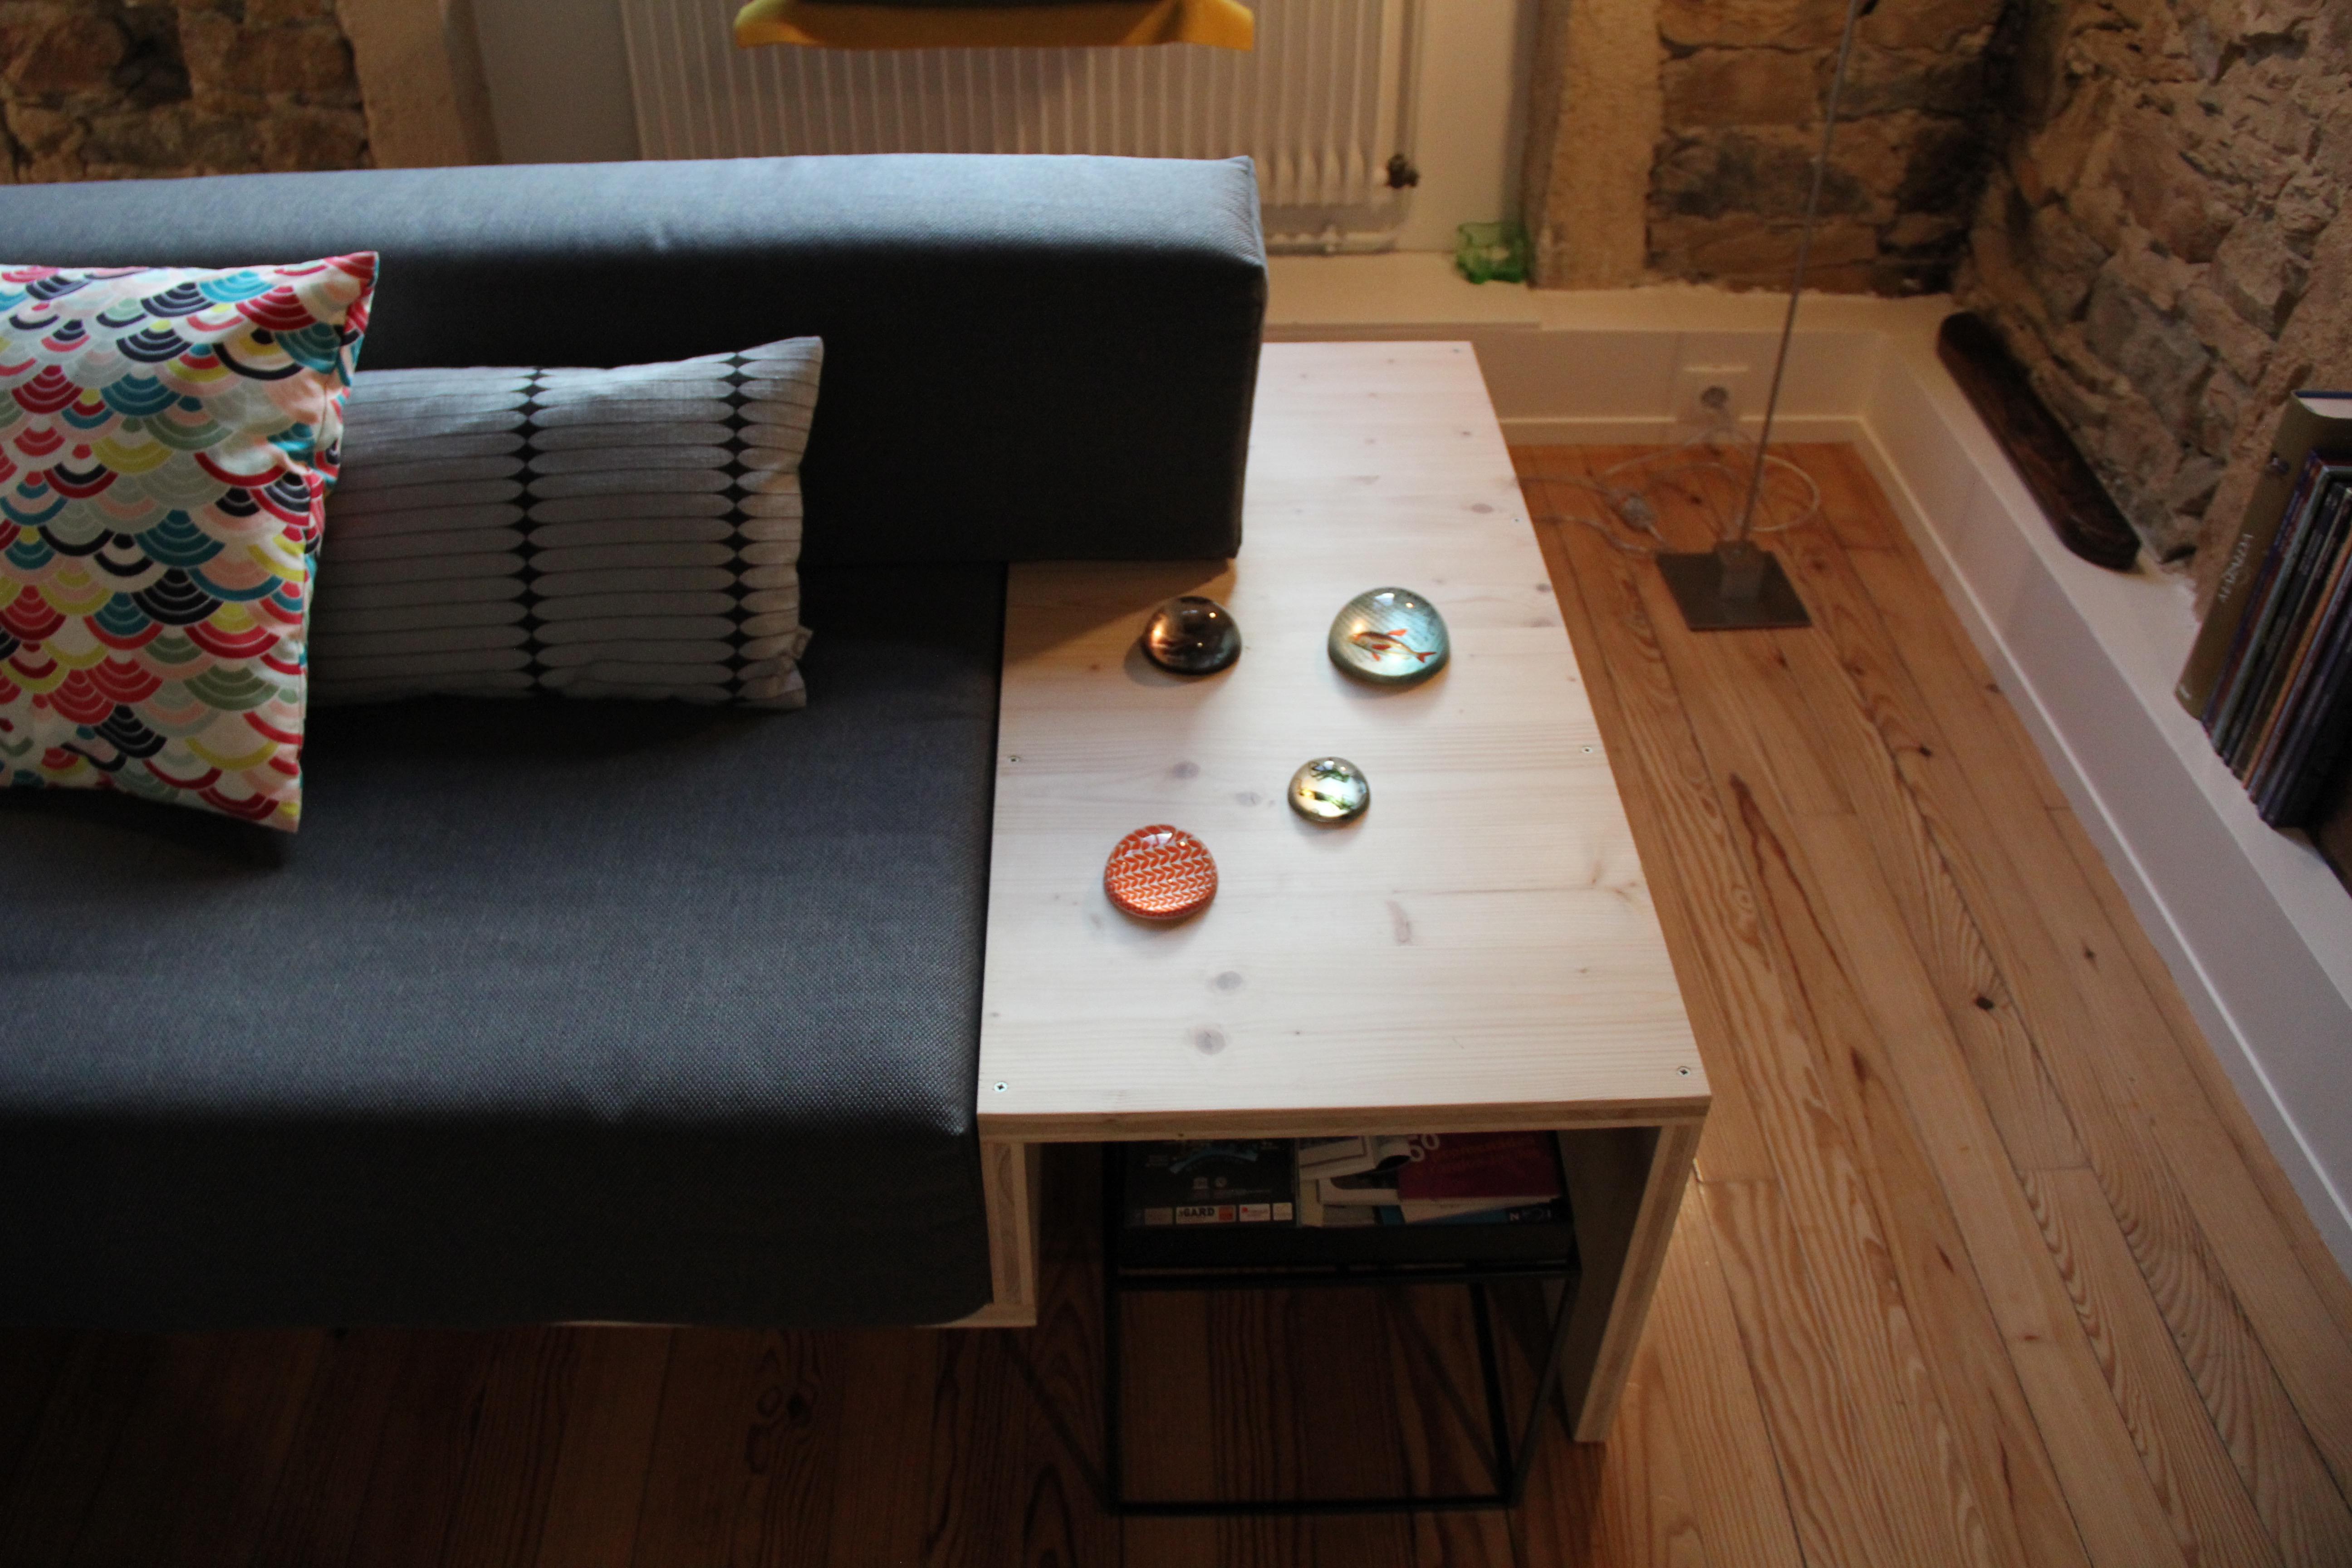 huile dure pour conserver des bois clairs en int rieurentretien du bois le blog du comptoir. Black Bedroom Furniture Sets. Home Design Ideas